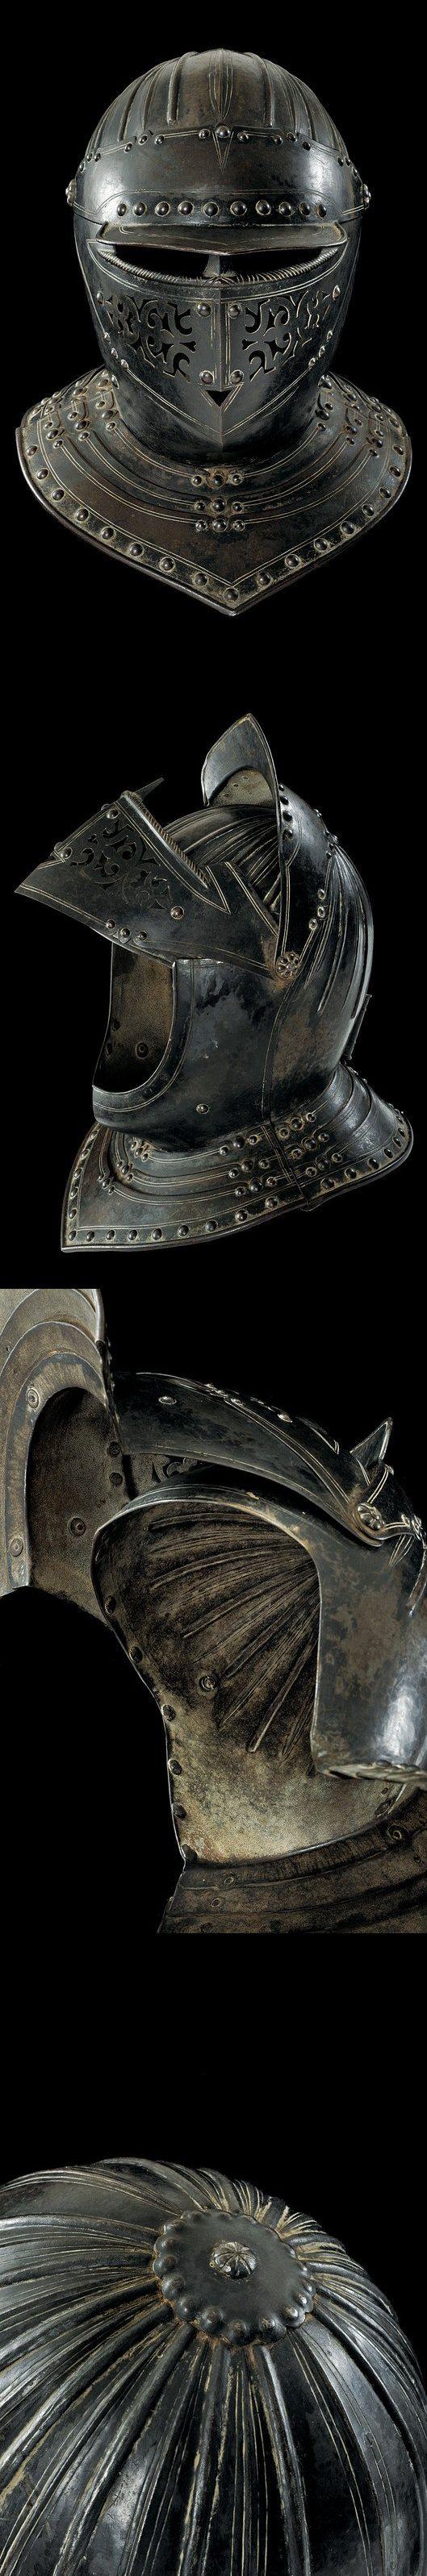 フランス ルイ14世 守衛兵の兜